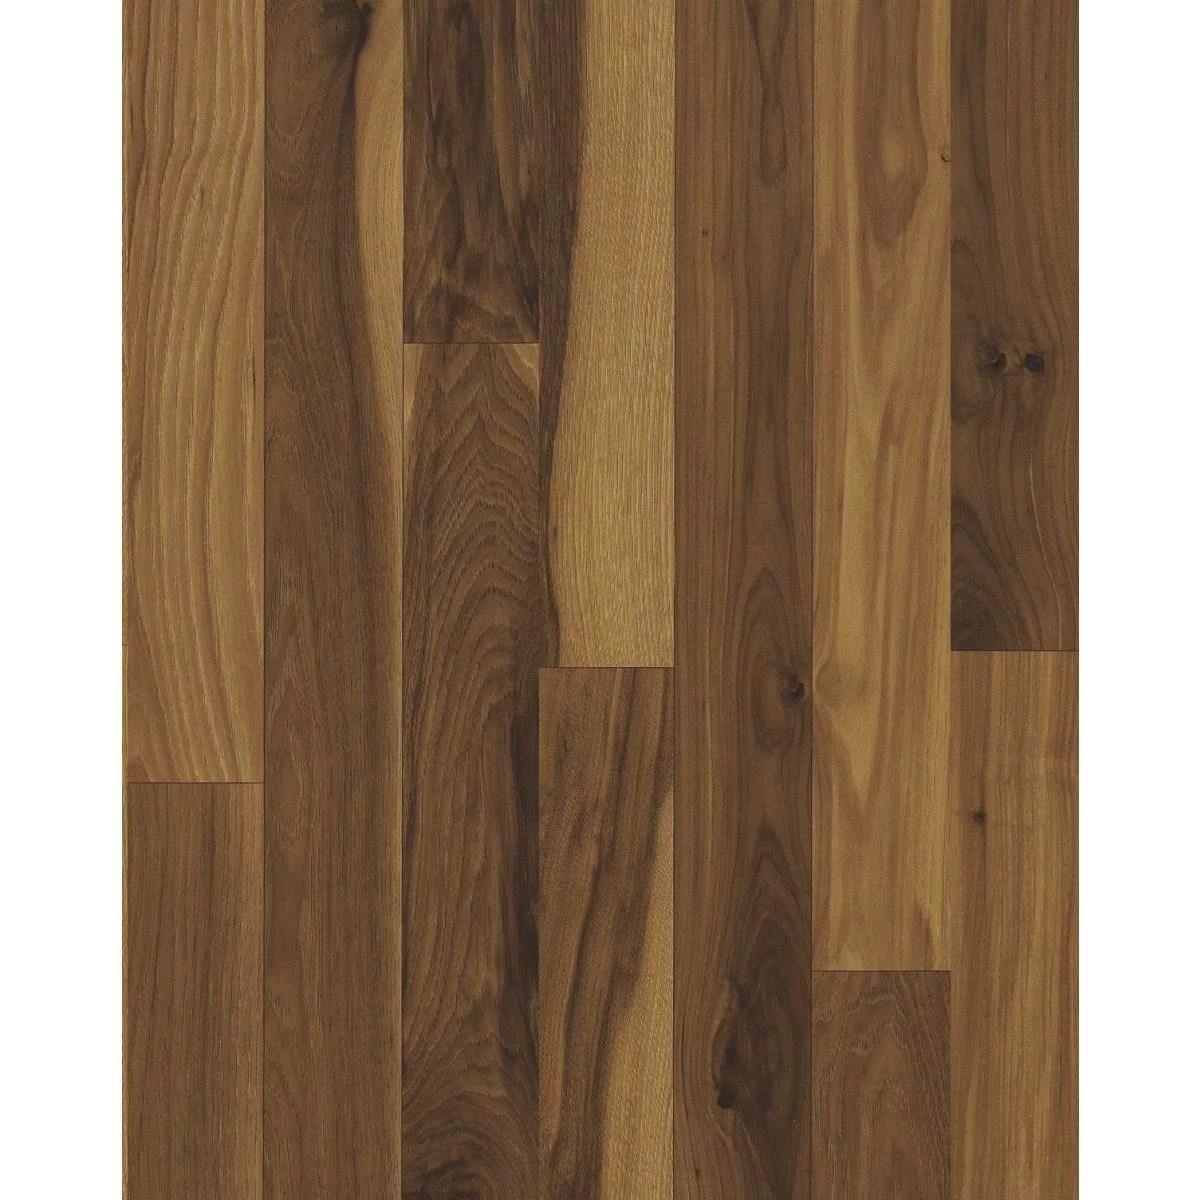 Fullsize Of Hickory Wood Floors